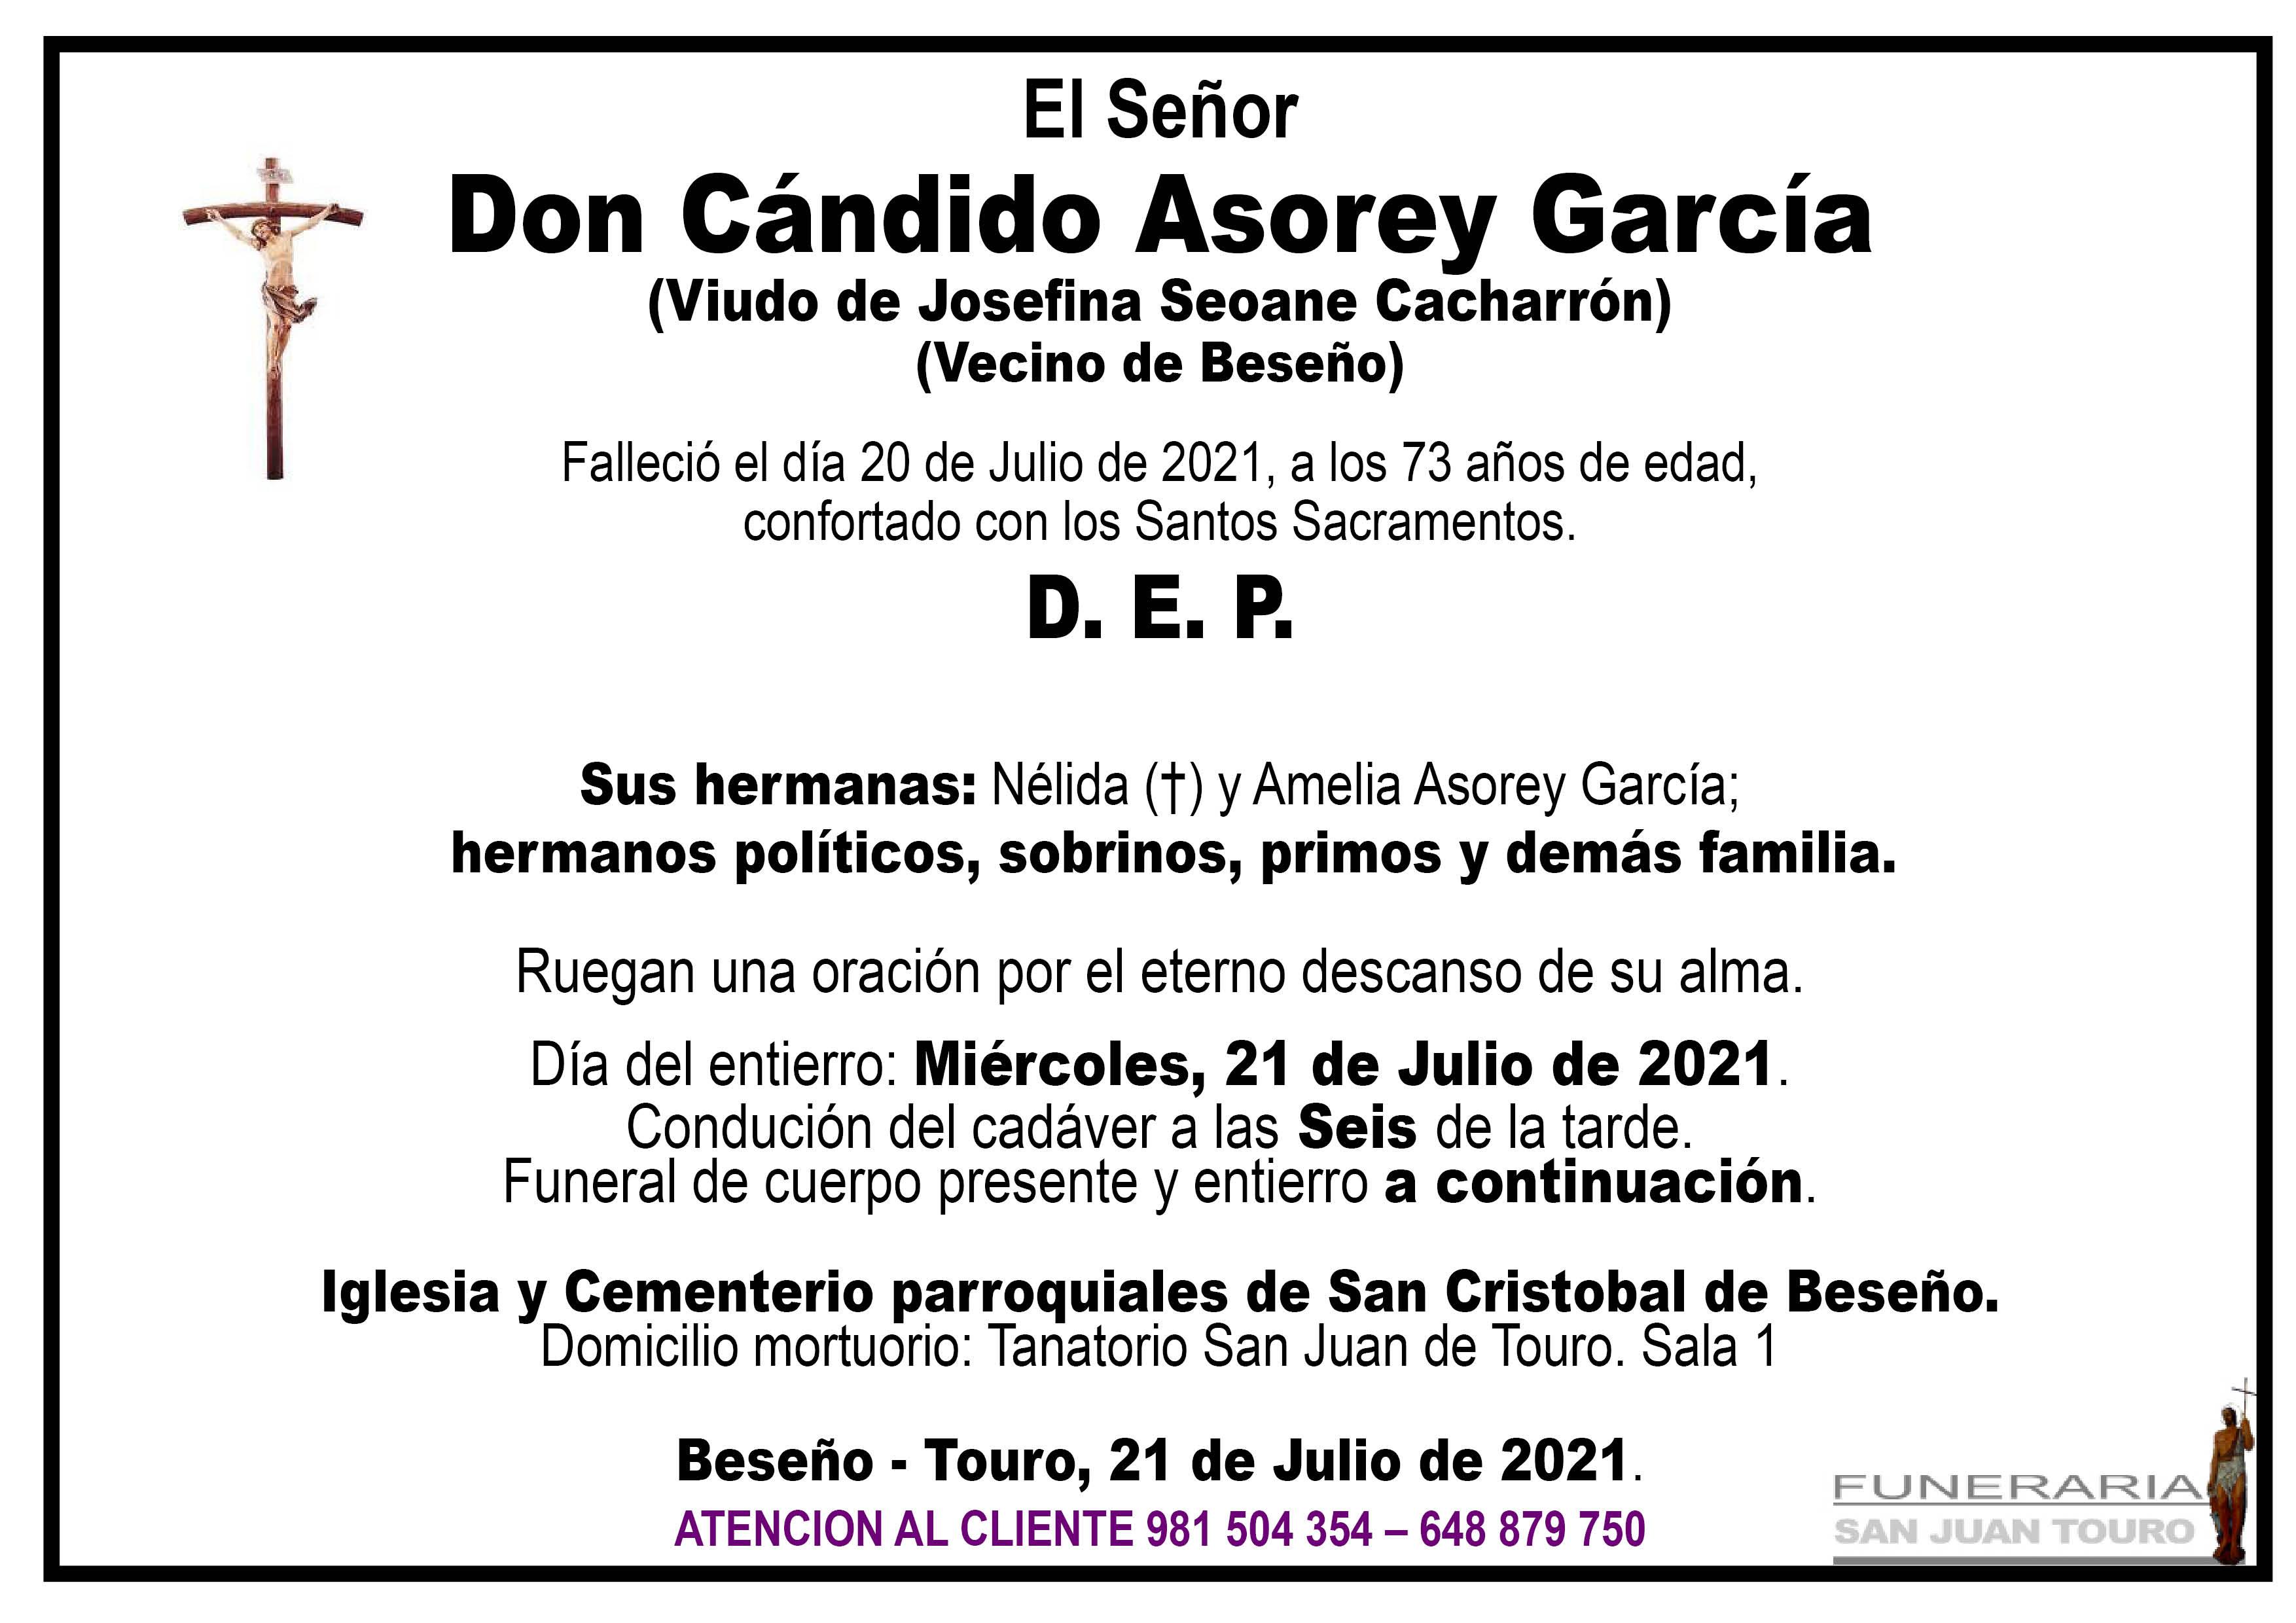 Esquela de SEPELIO DE DON CÁNDIDO ASOREY GARCÍA